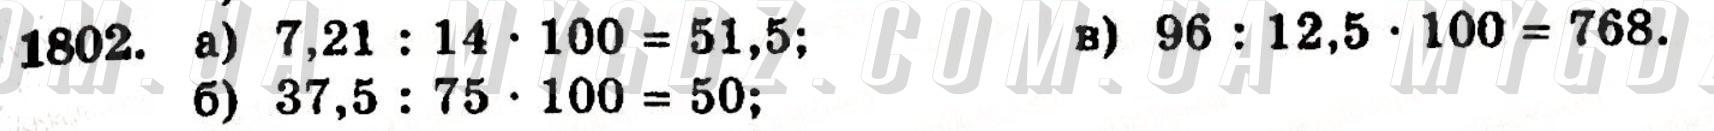 ГДЗ номер 1802 до підручника з математики Бевз, Бевз 5 клас